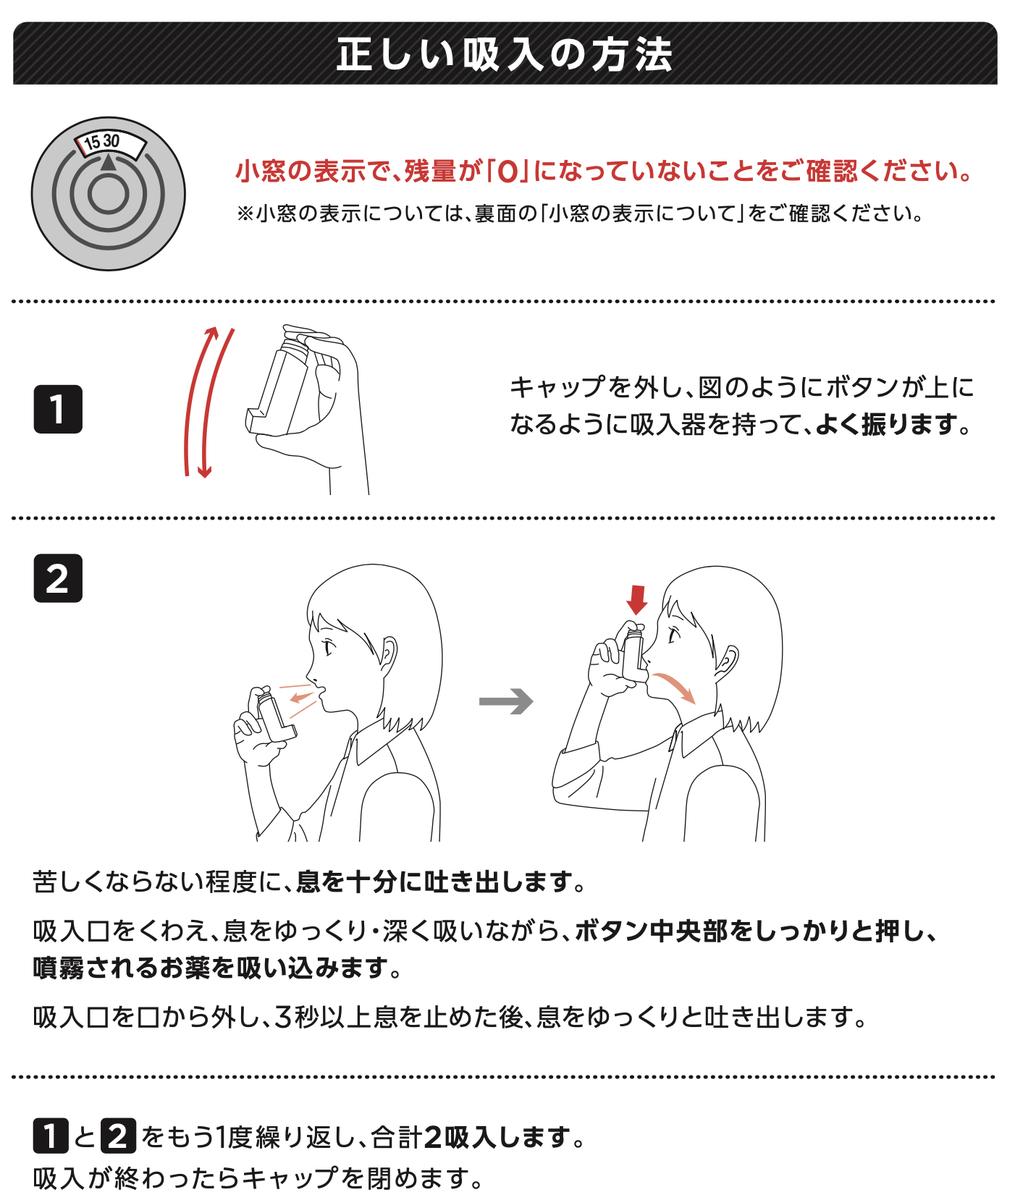 ビベスピエアロスフィア28吸入 吸入方法